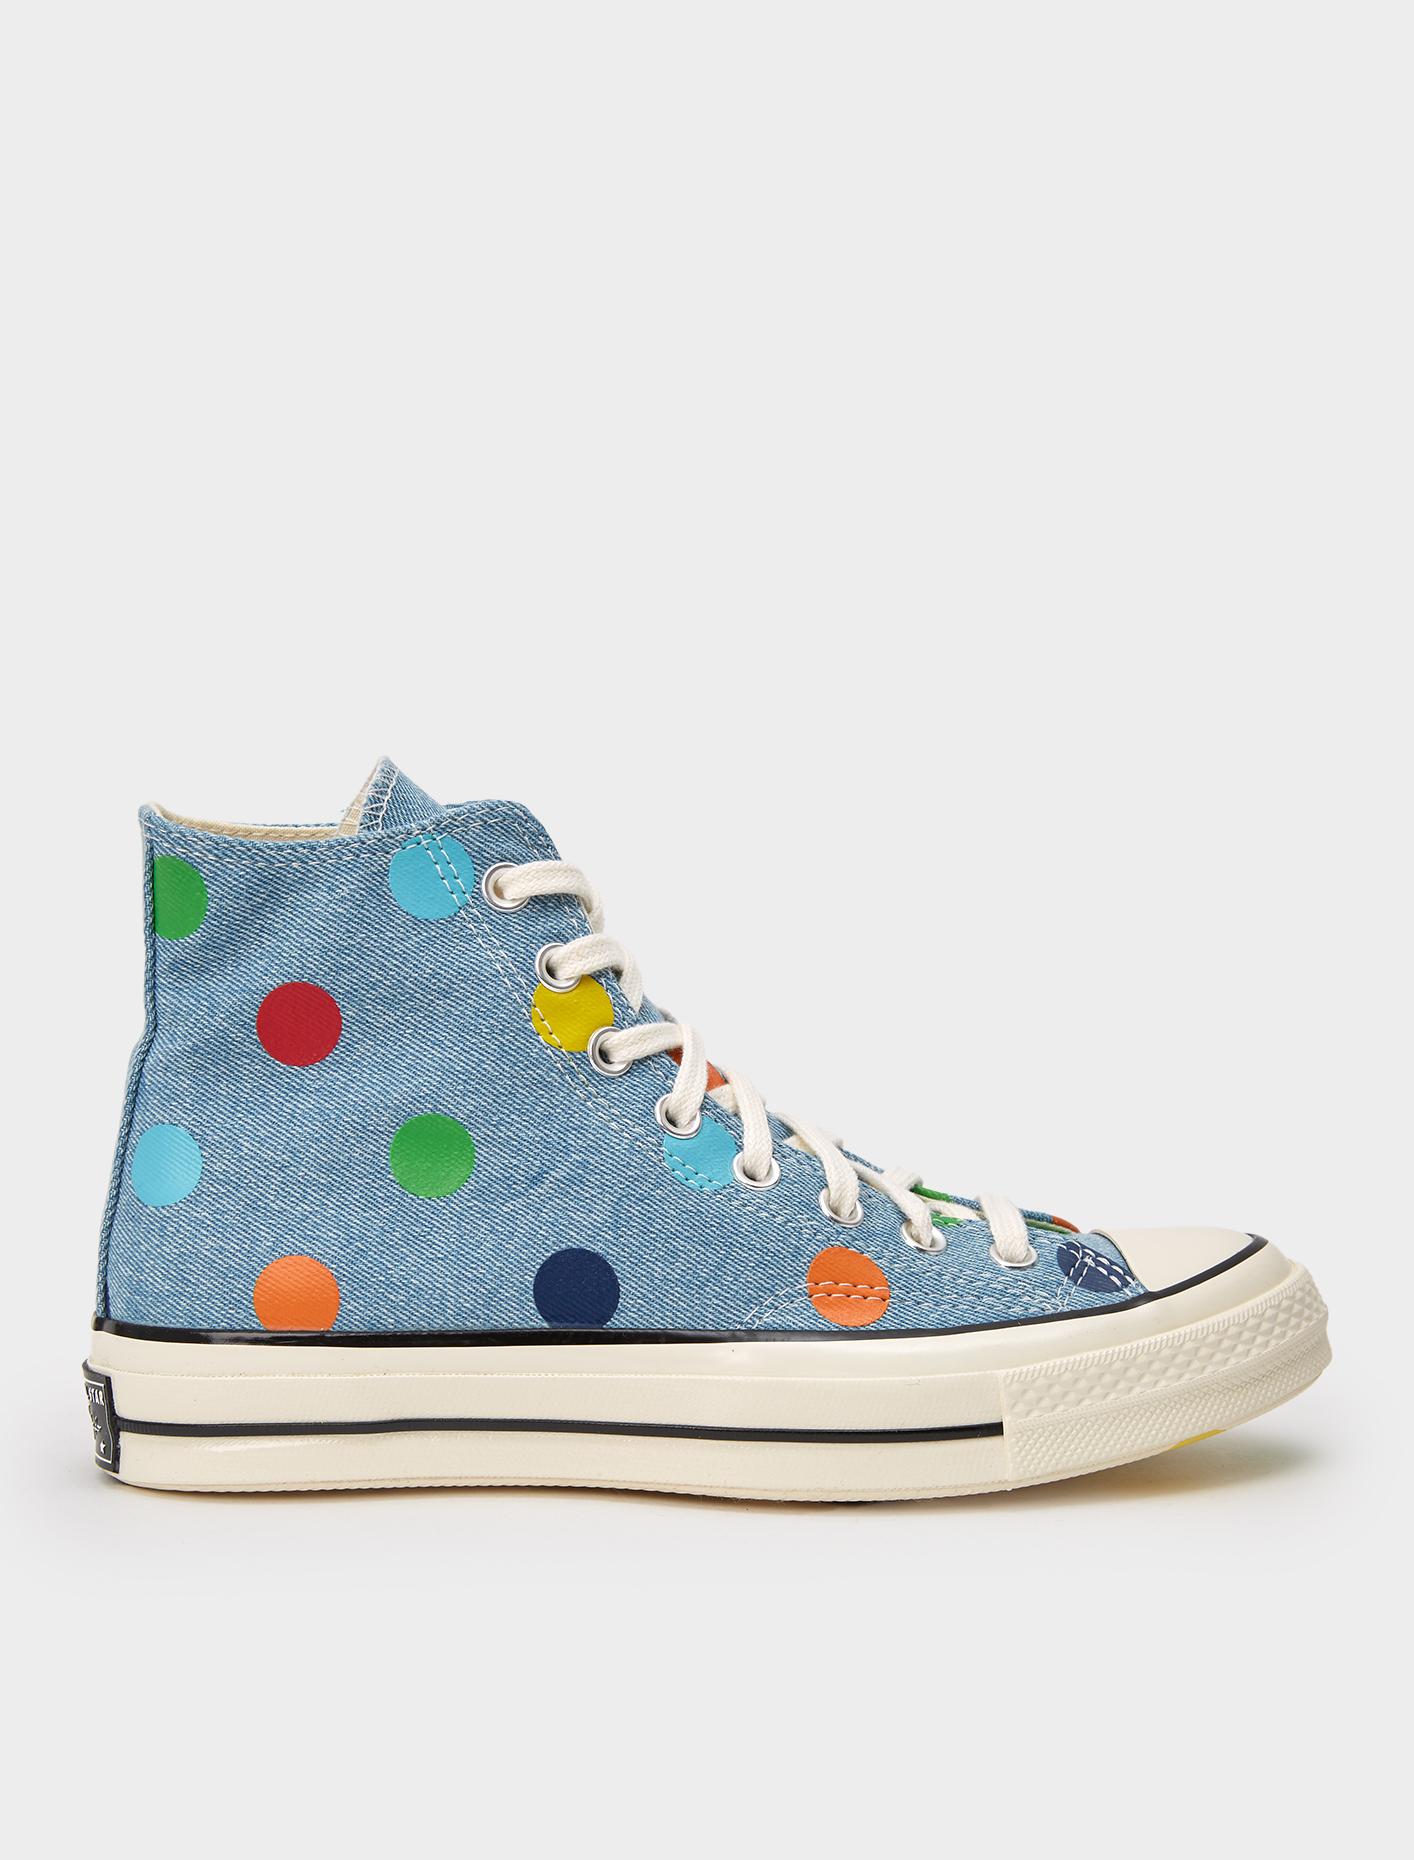 recuerdos Salida Equipo de juegos  Converse x GOLF le FLEUR* Polka Dot Chuck 70 High Sneaker in Blue | Voo  Store Berlin | Worldwide Shipping